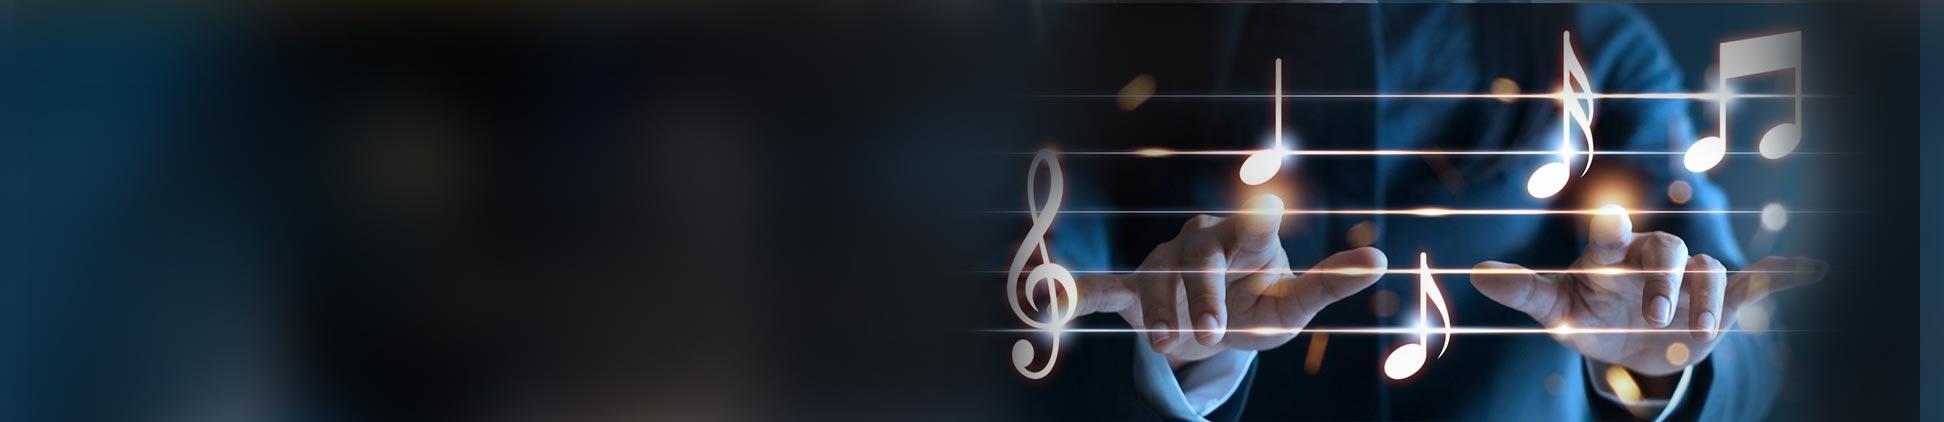 Открыт набор на новый учебный год! Московский Колледж Импровизационной Музыки